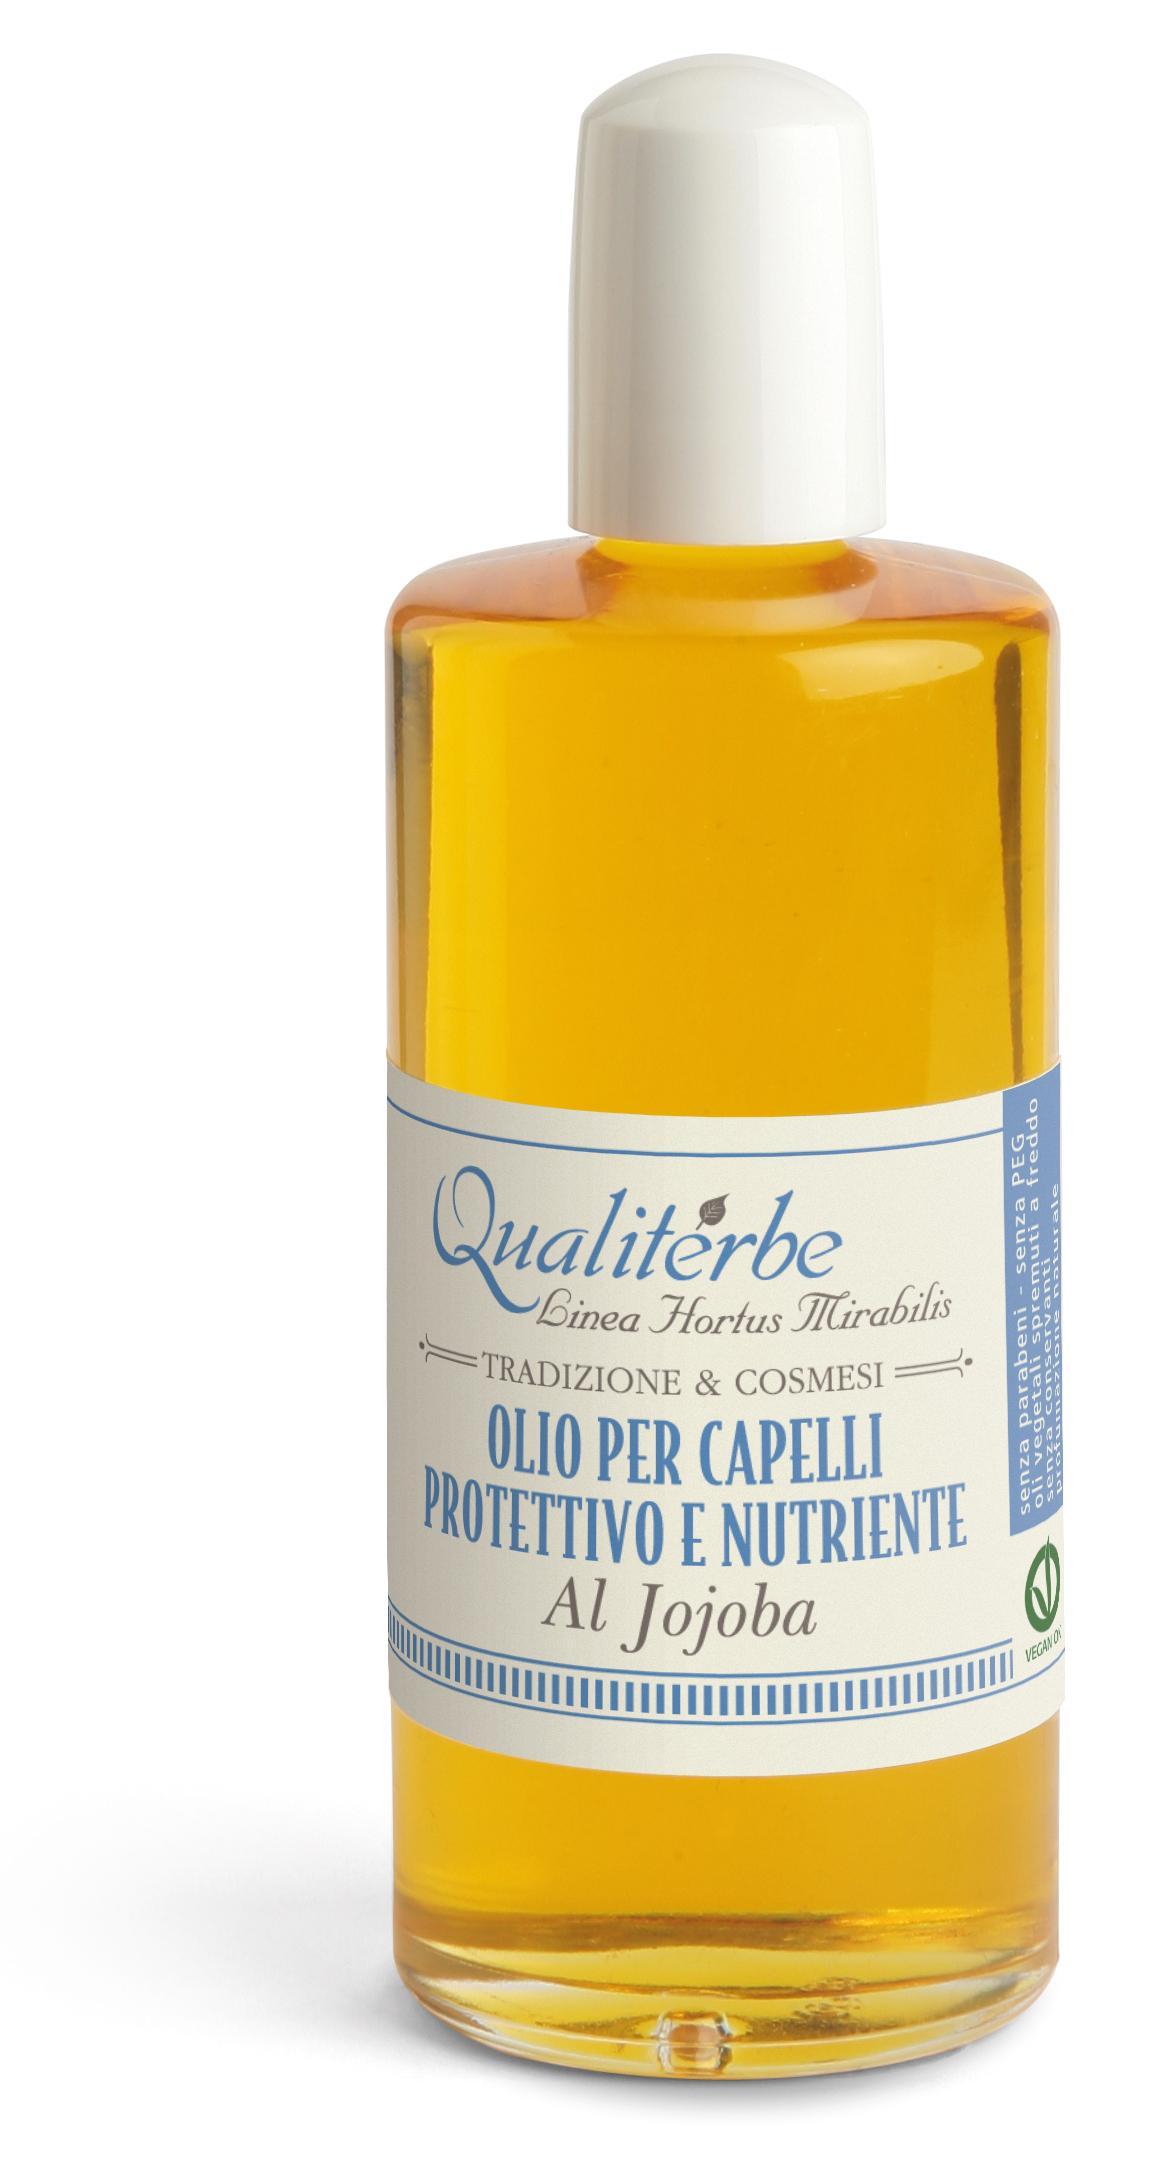 Olio per capelli protettivo e nutriente al Jojoba 15%